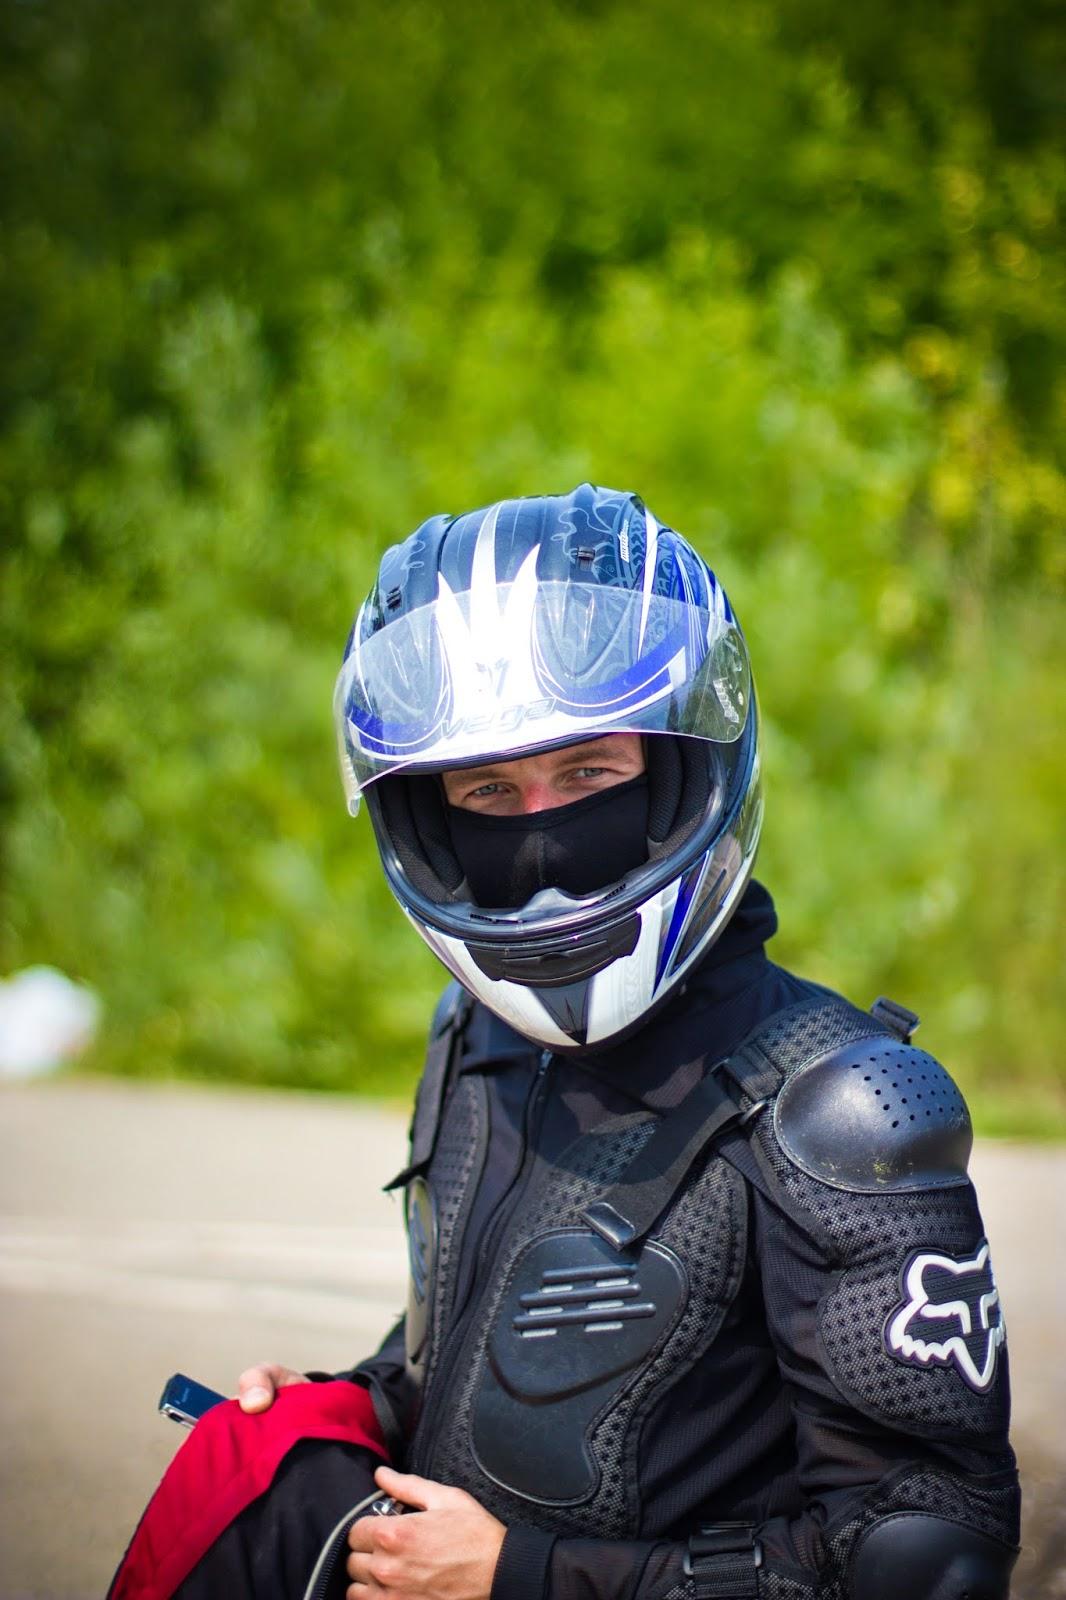 Картинки девушек в шлеме от мотоцикла